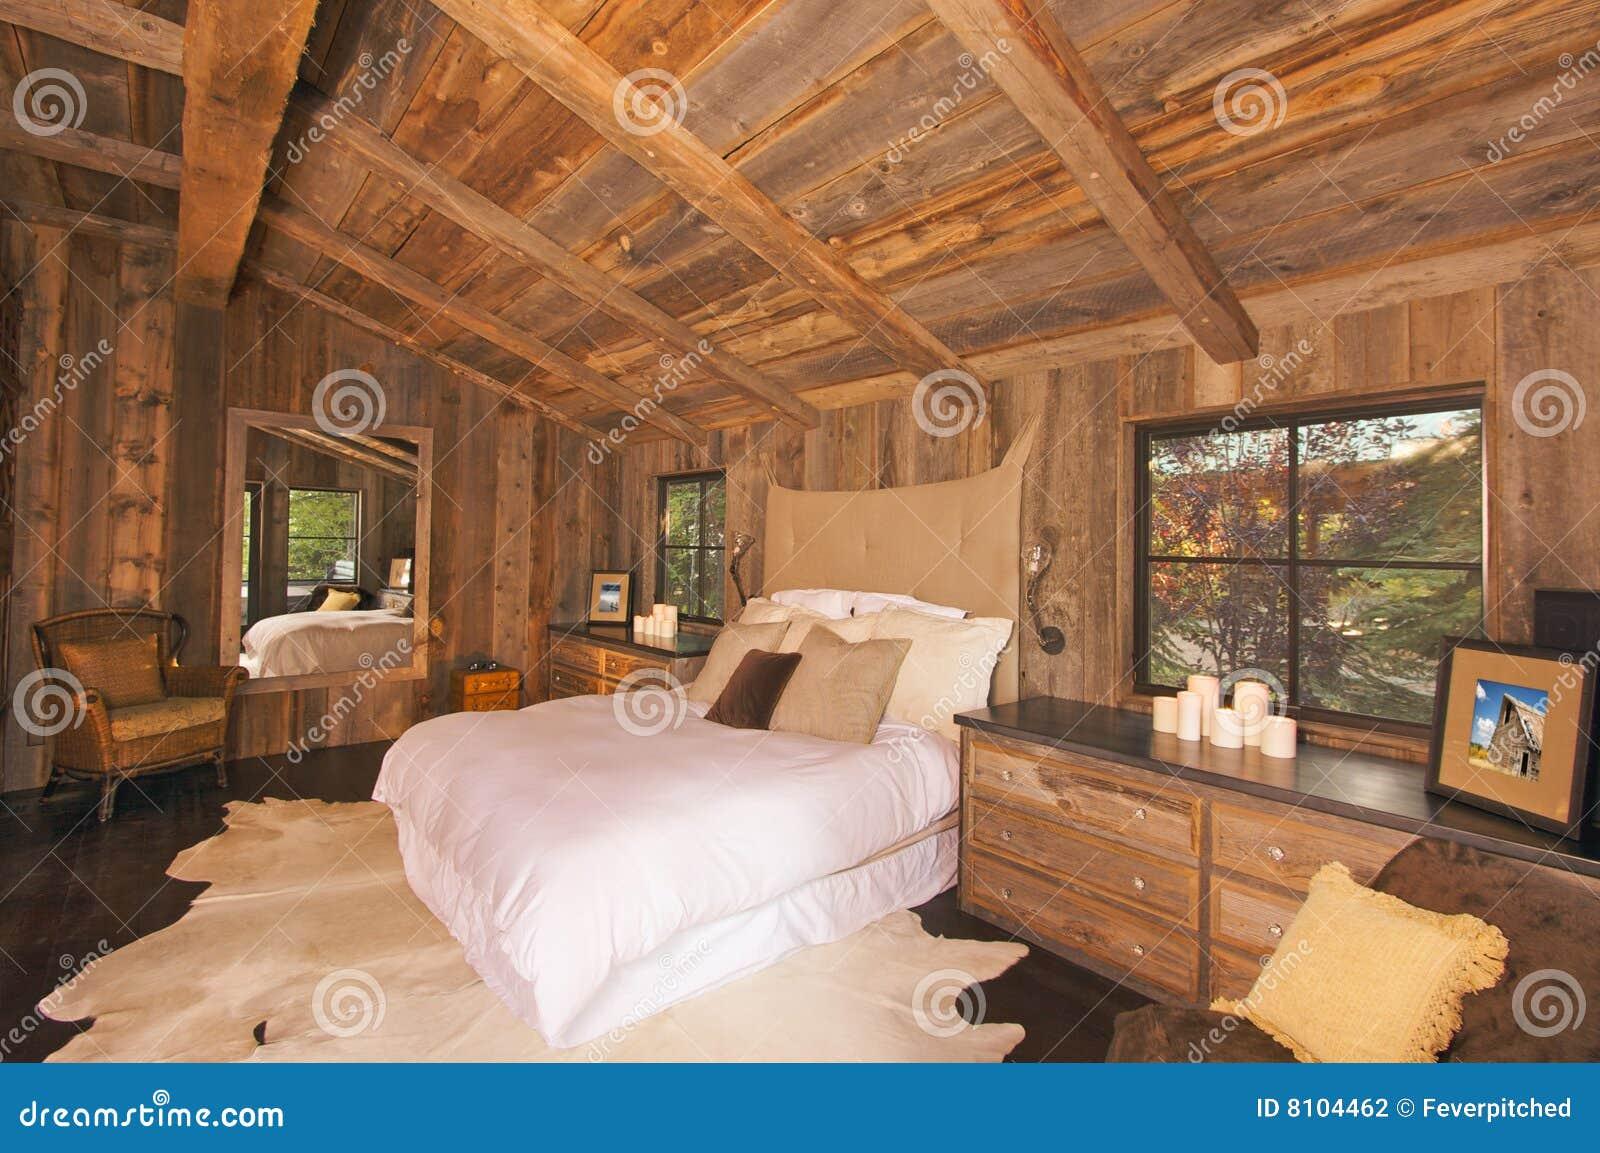 Luxuriöses Rustikales Protokoll-Kabine-Schlafzimmer Stockfoto - Bild ...